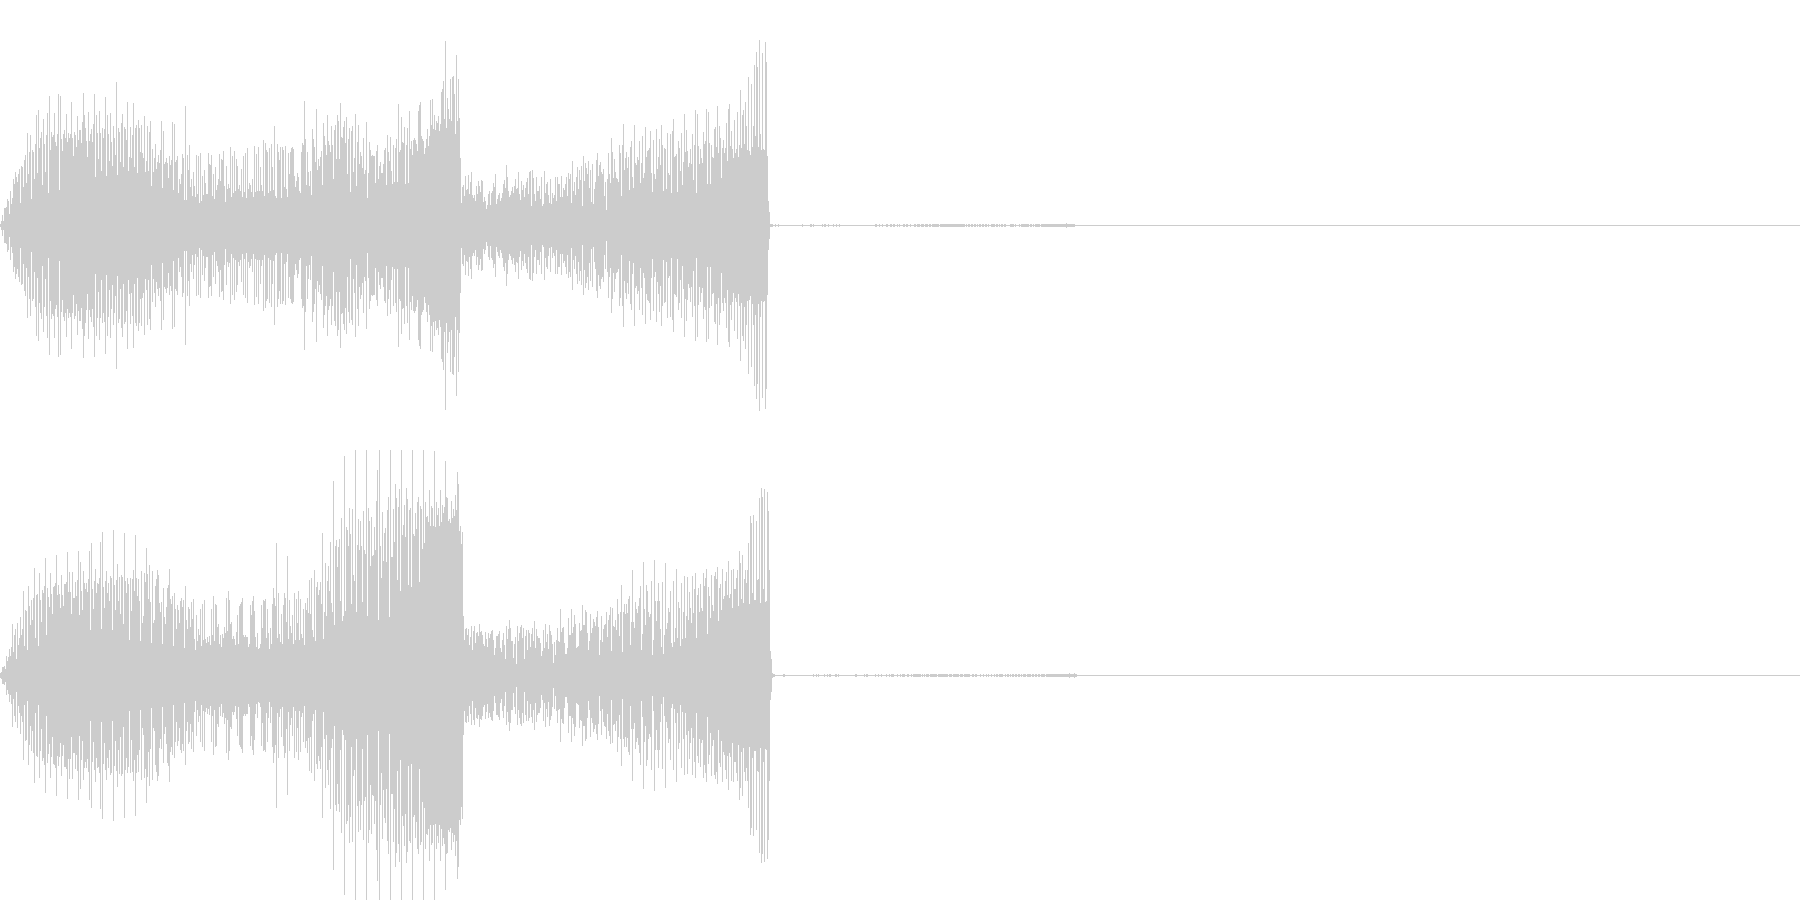 ポン(SE_エフェクト_03)の未再生の波形